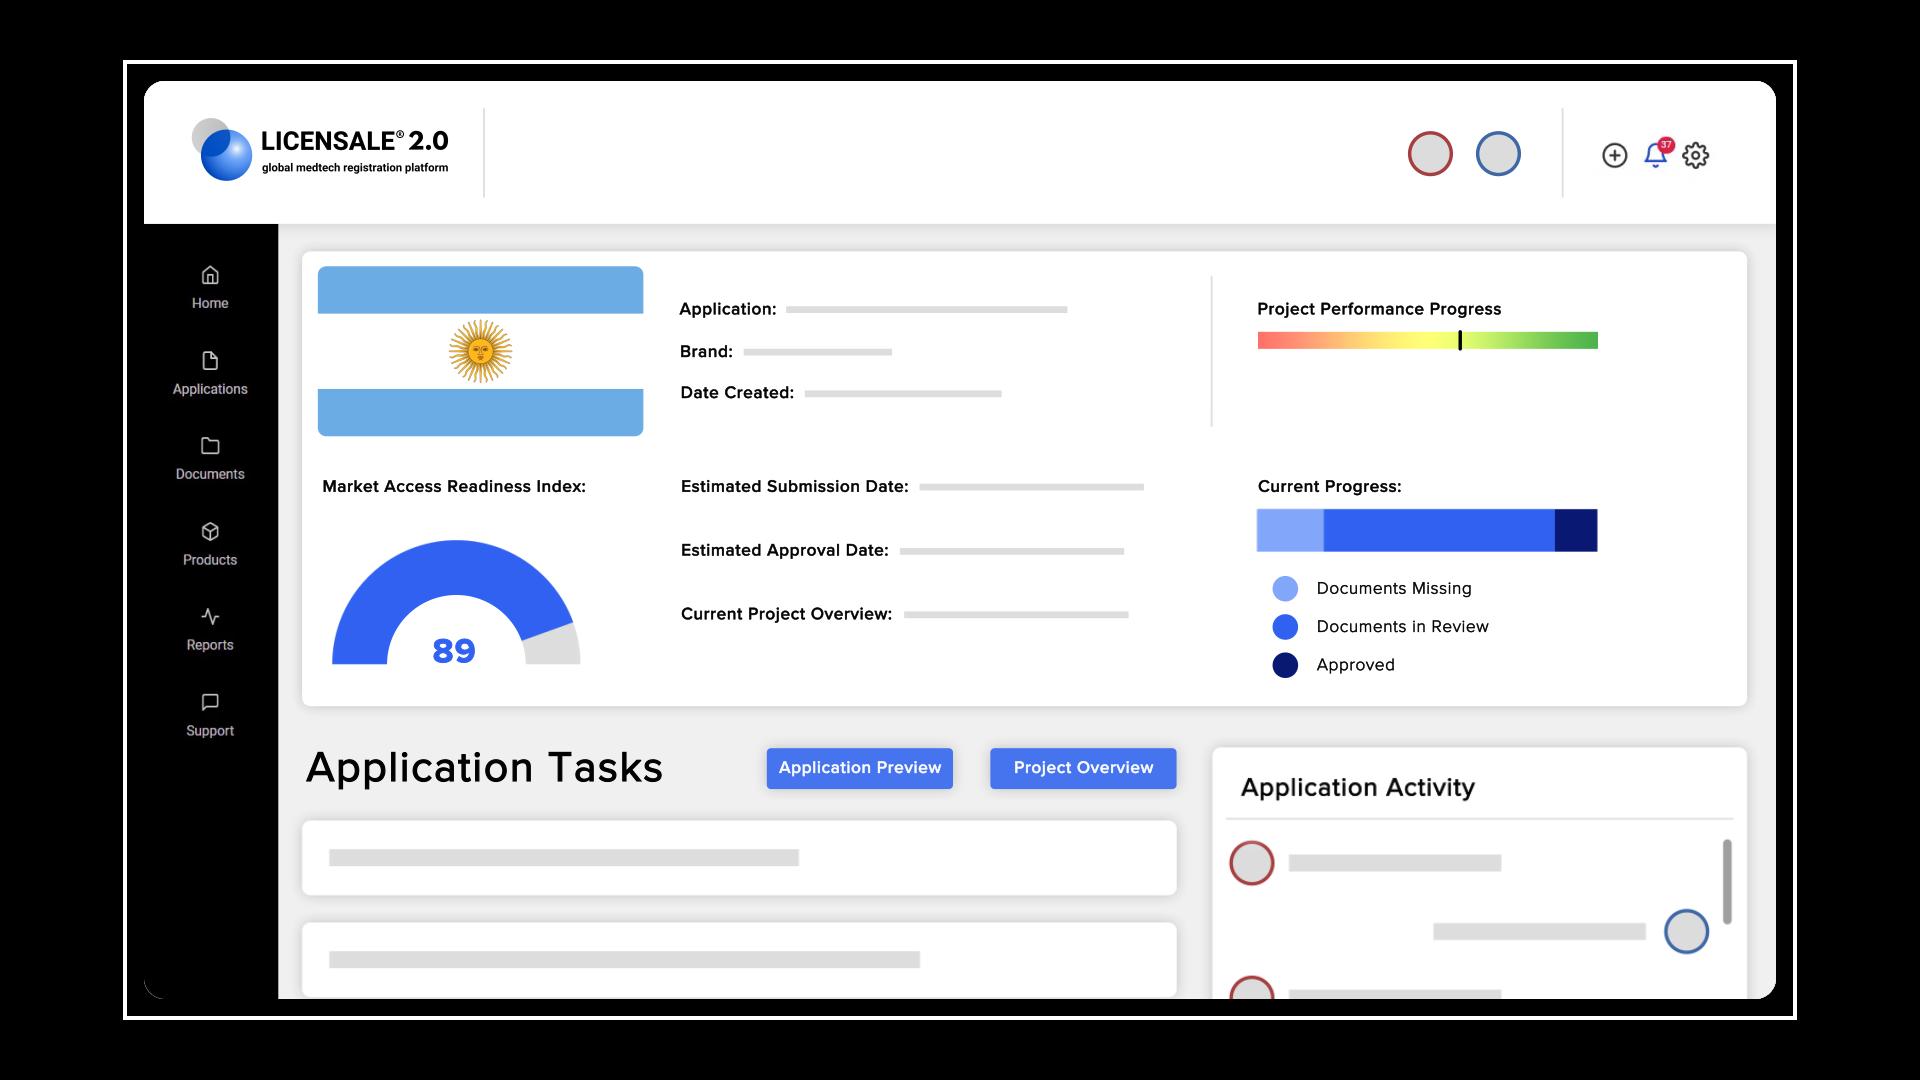 Applications task checklist on LICENSALE 2.0 - Medical Device Registration Software